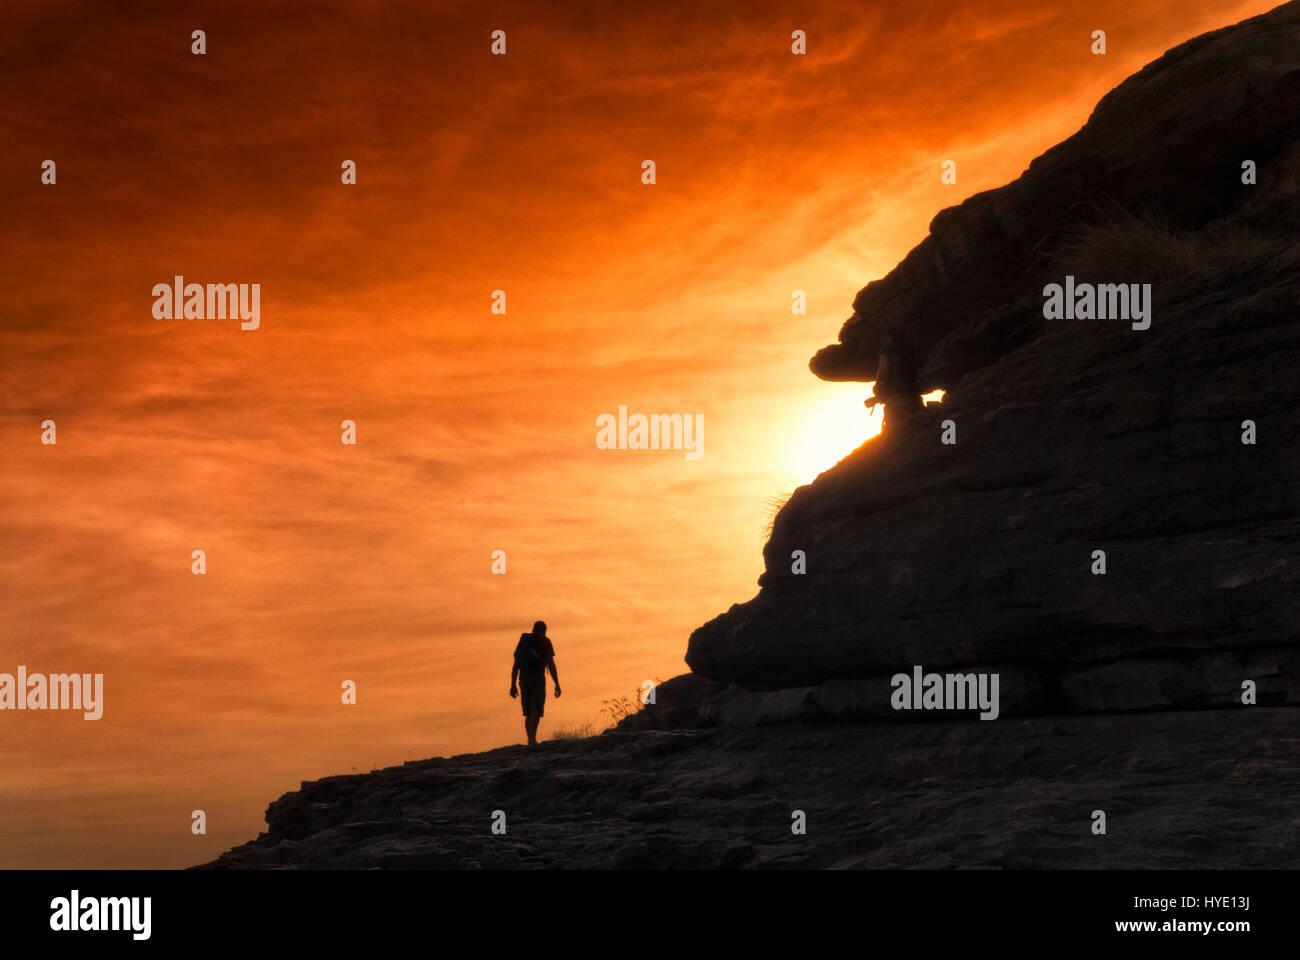 Silhouette der Wanderer in Richtung Sonnenuntergang mit orange glühenden Himmel klettern. Northern Territories, Stockfoto